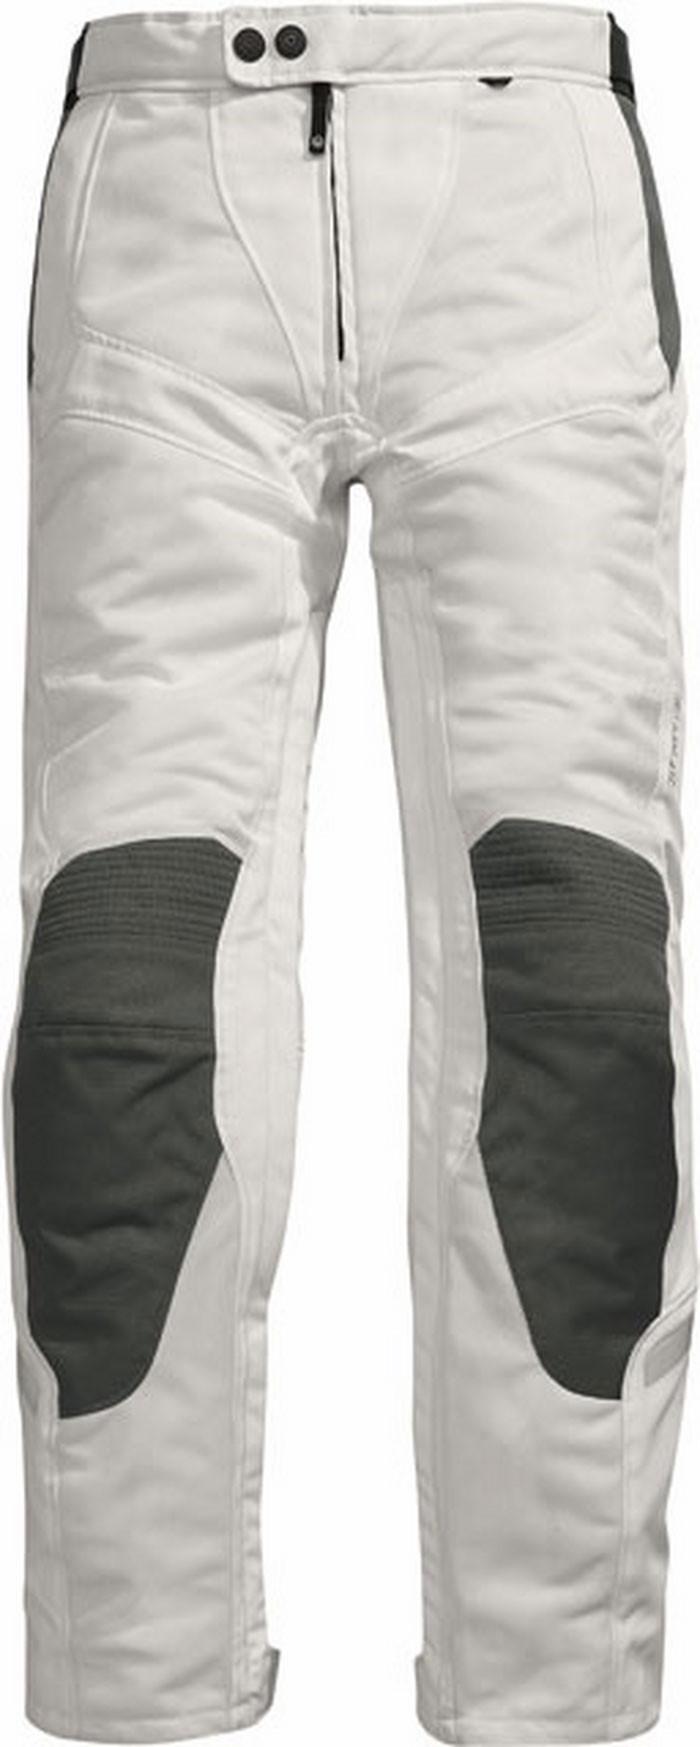 new concept e4932 59e68 Pantaloni moto donna estivi Rev'it Airwave Ladies bianco-antraci